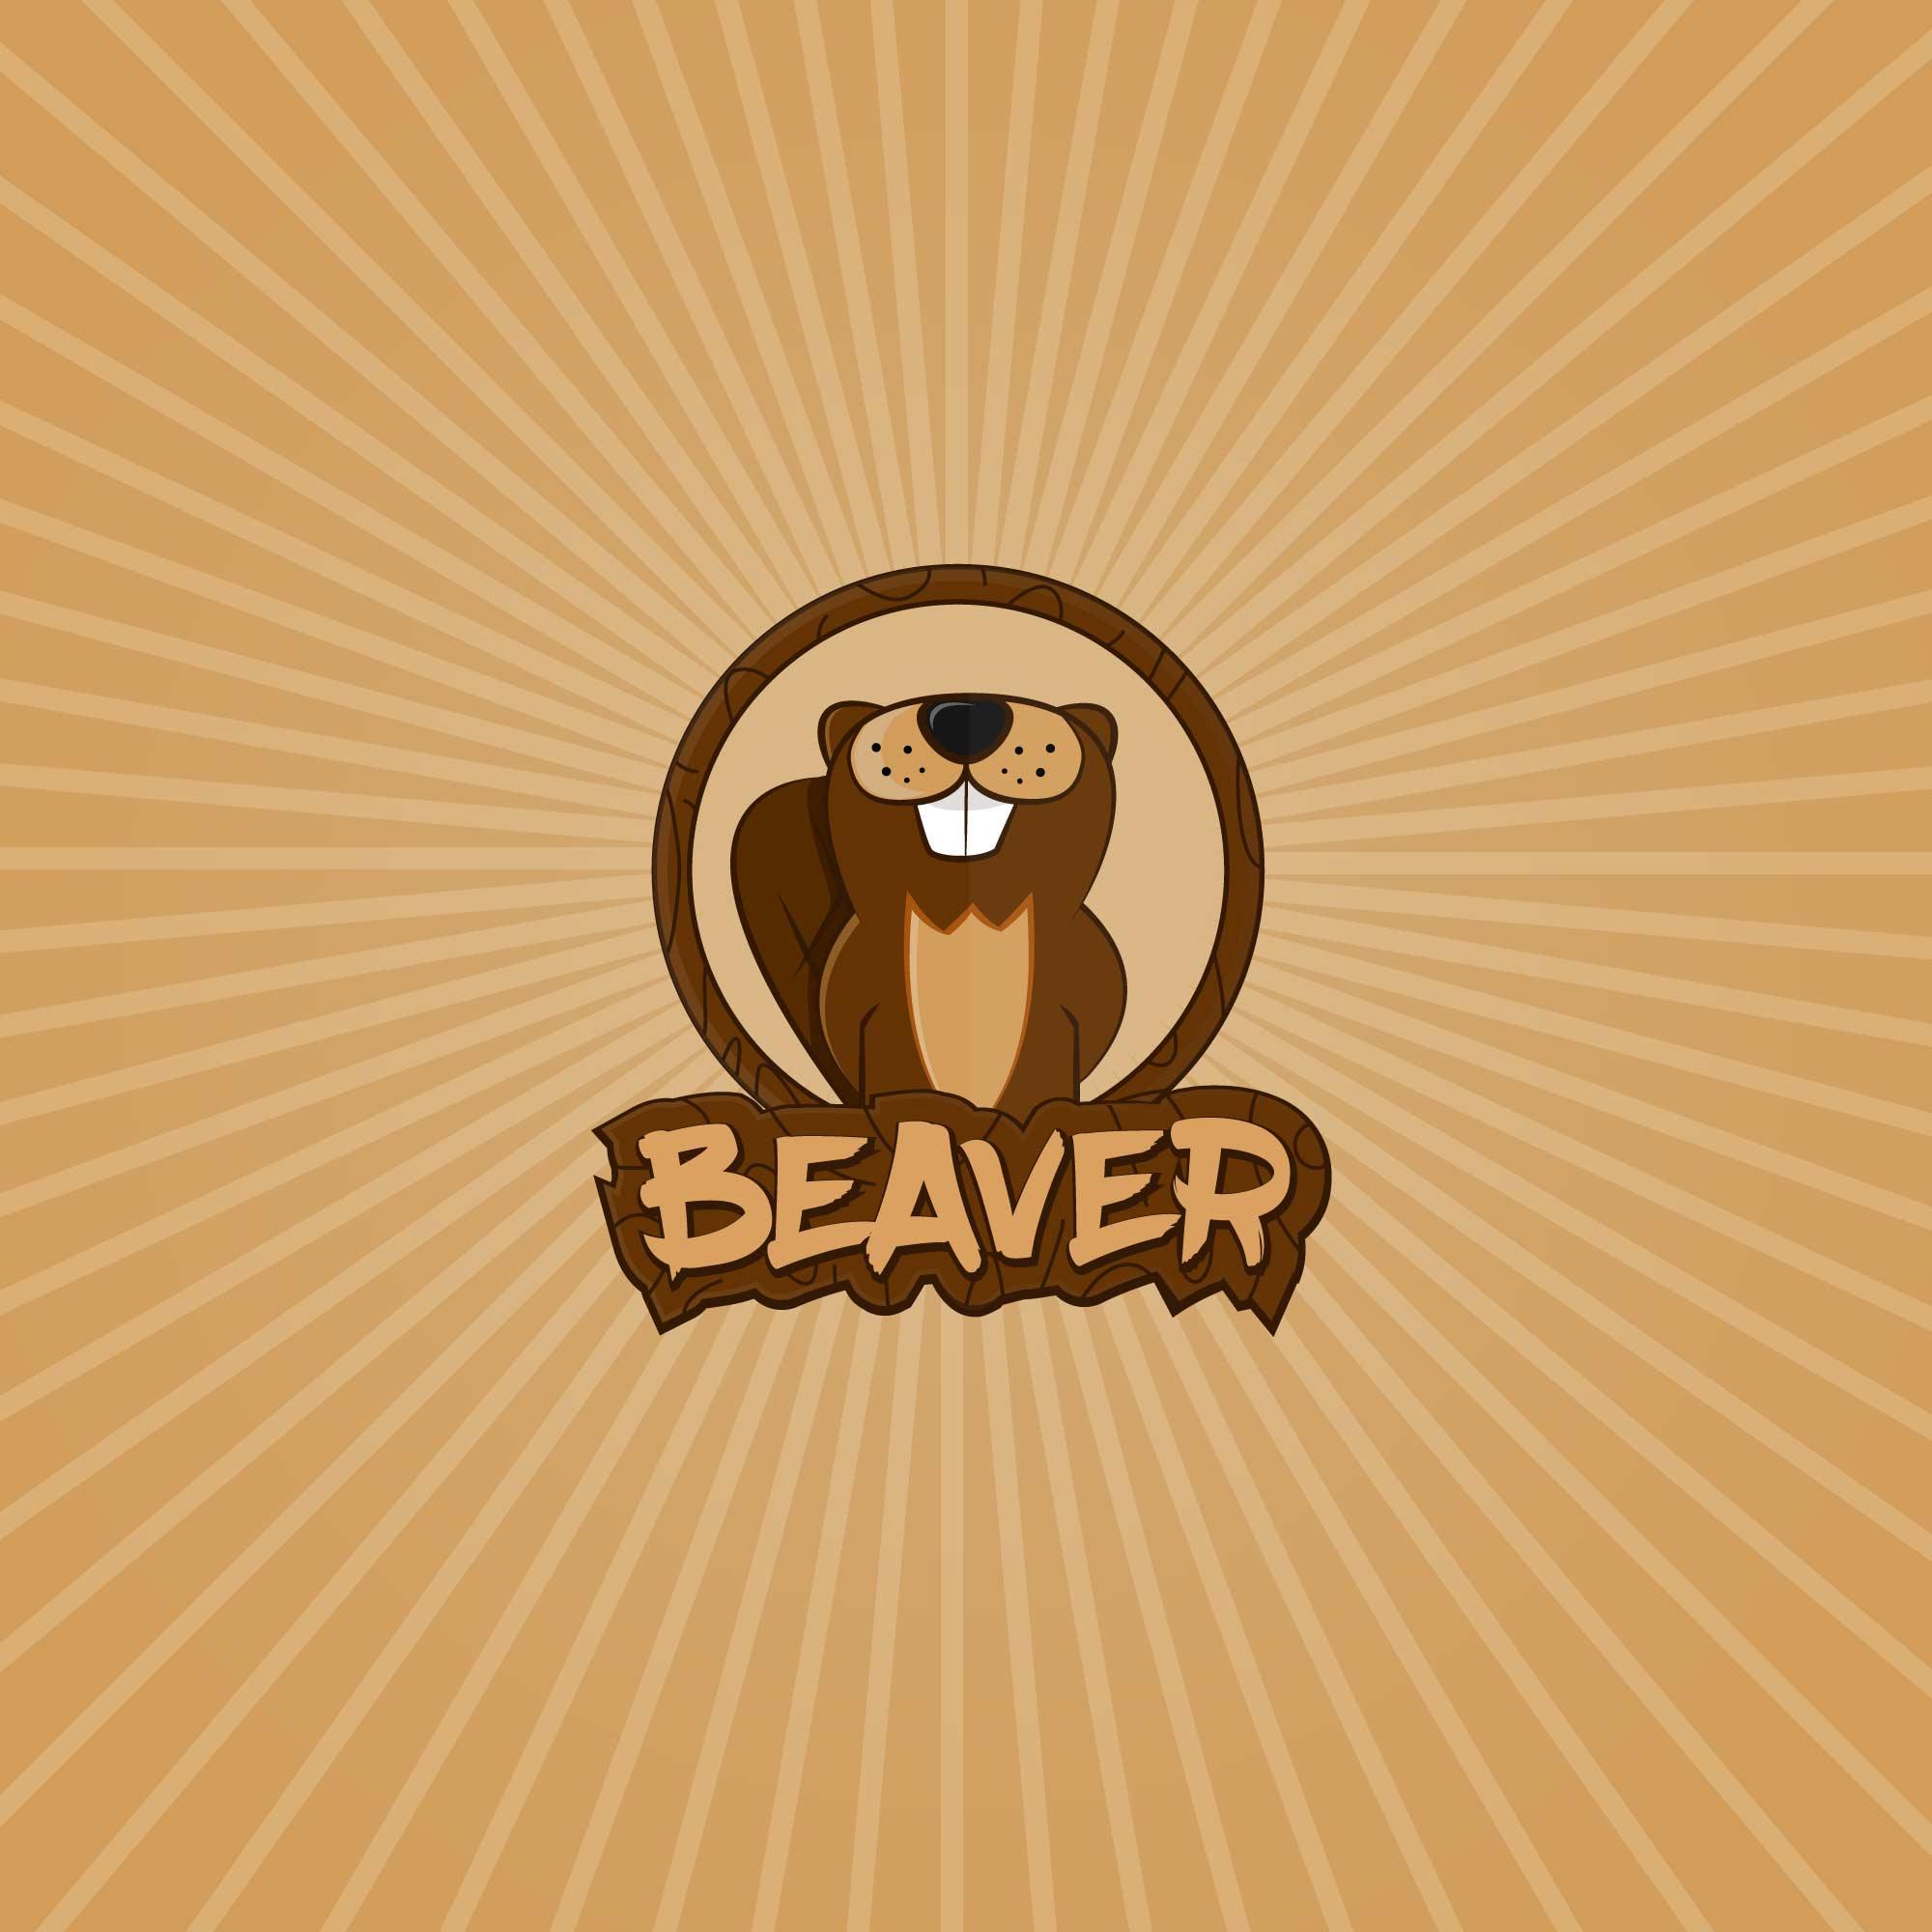 Beawer game